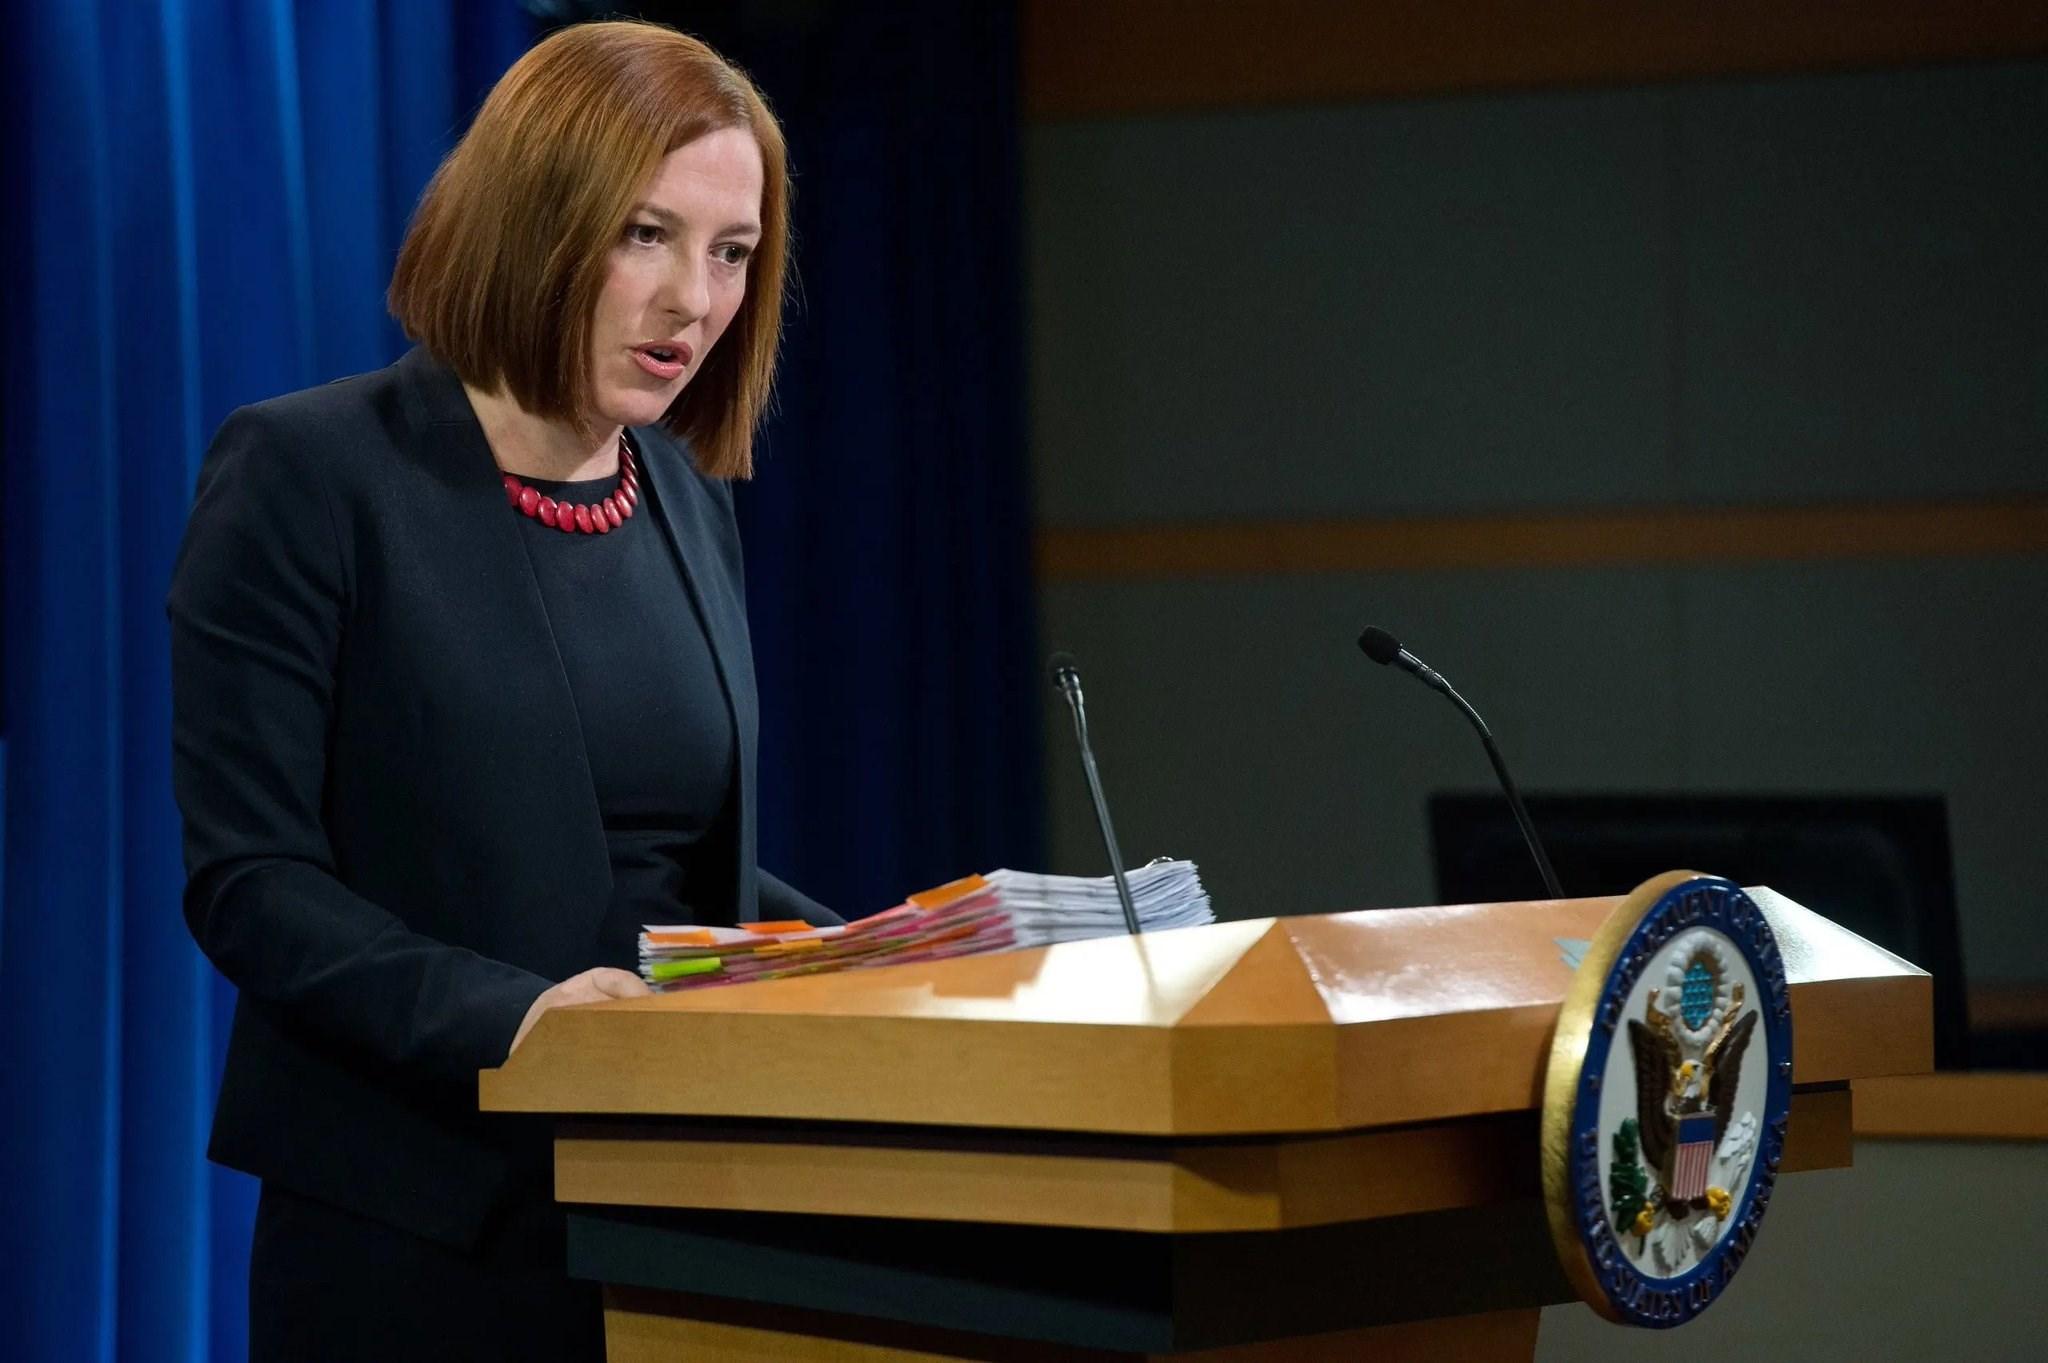 البيت الأبيض ينفي الكلام المنسوب لبايدن حول العقوبات على إيران